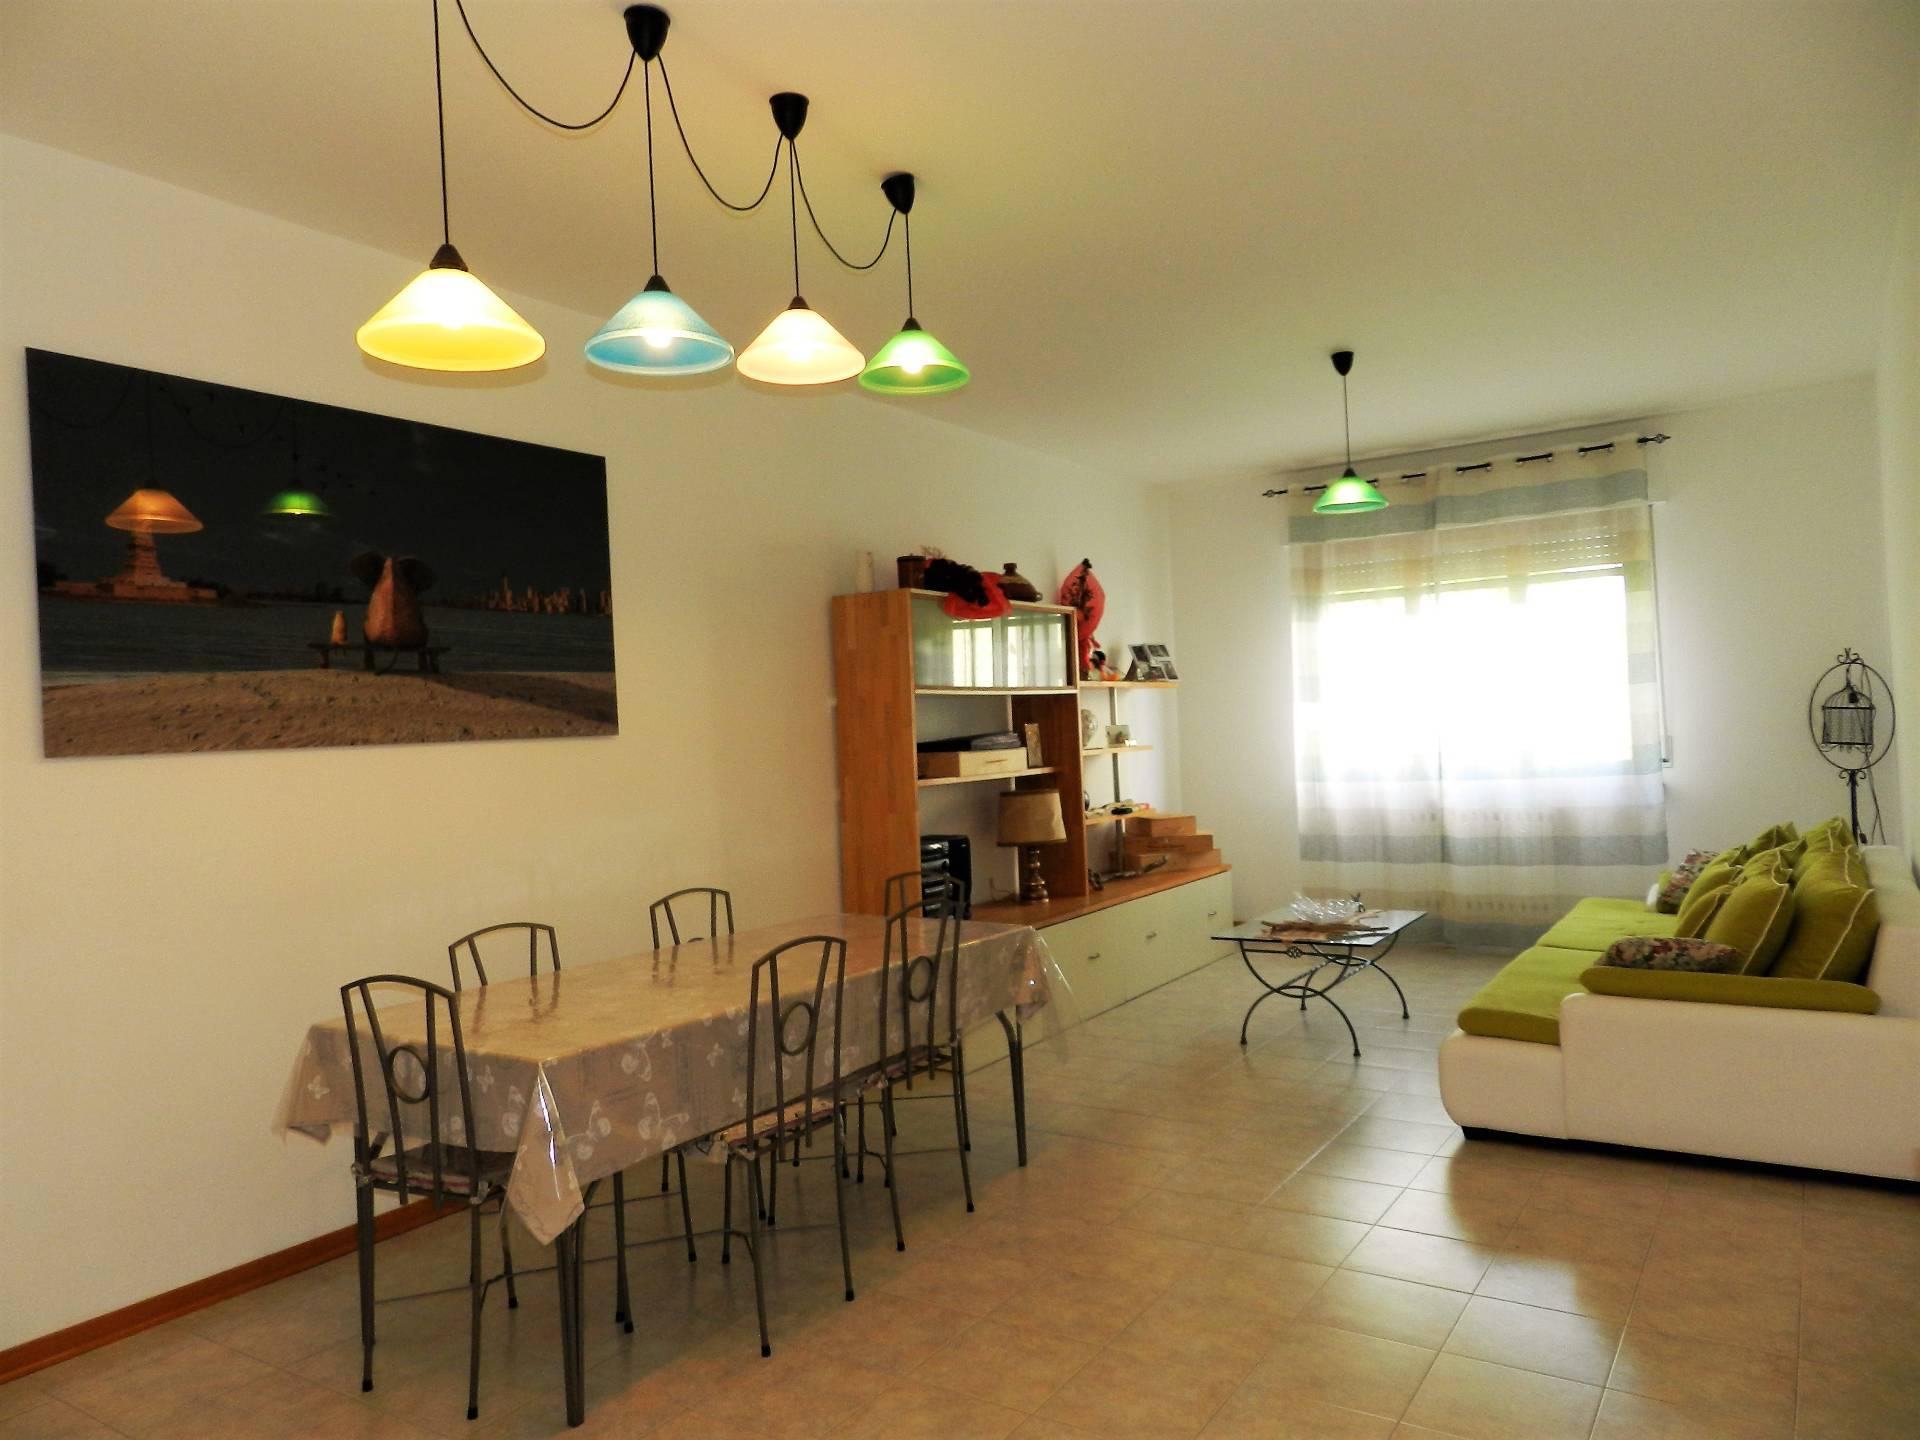 Appartamento in vendita a Lucca, 4 locali, zona Località: S.Anna, prezzo € 165.000 | Cambio Casa.it